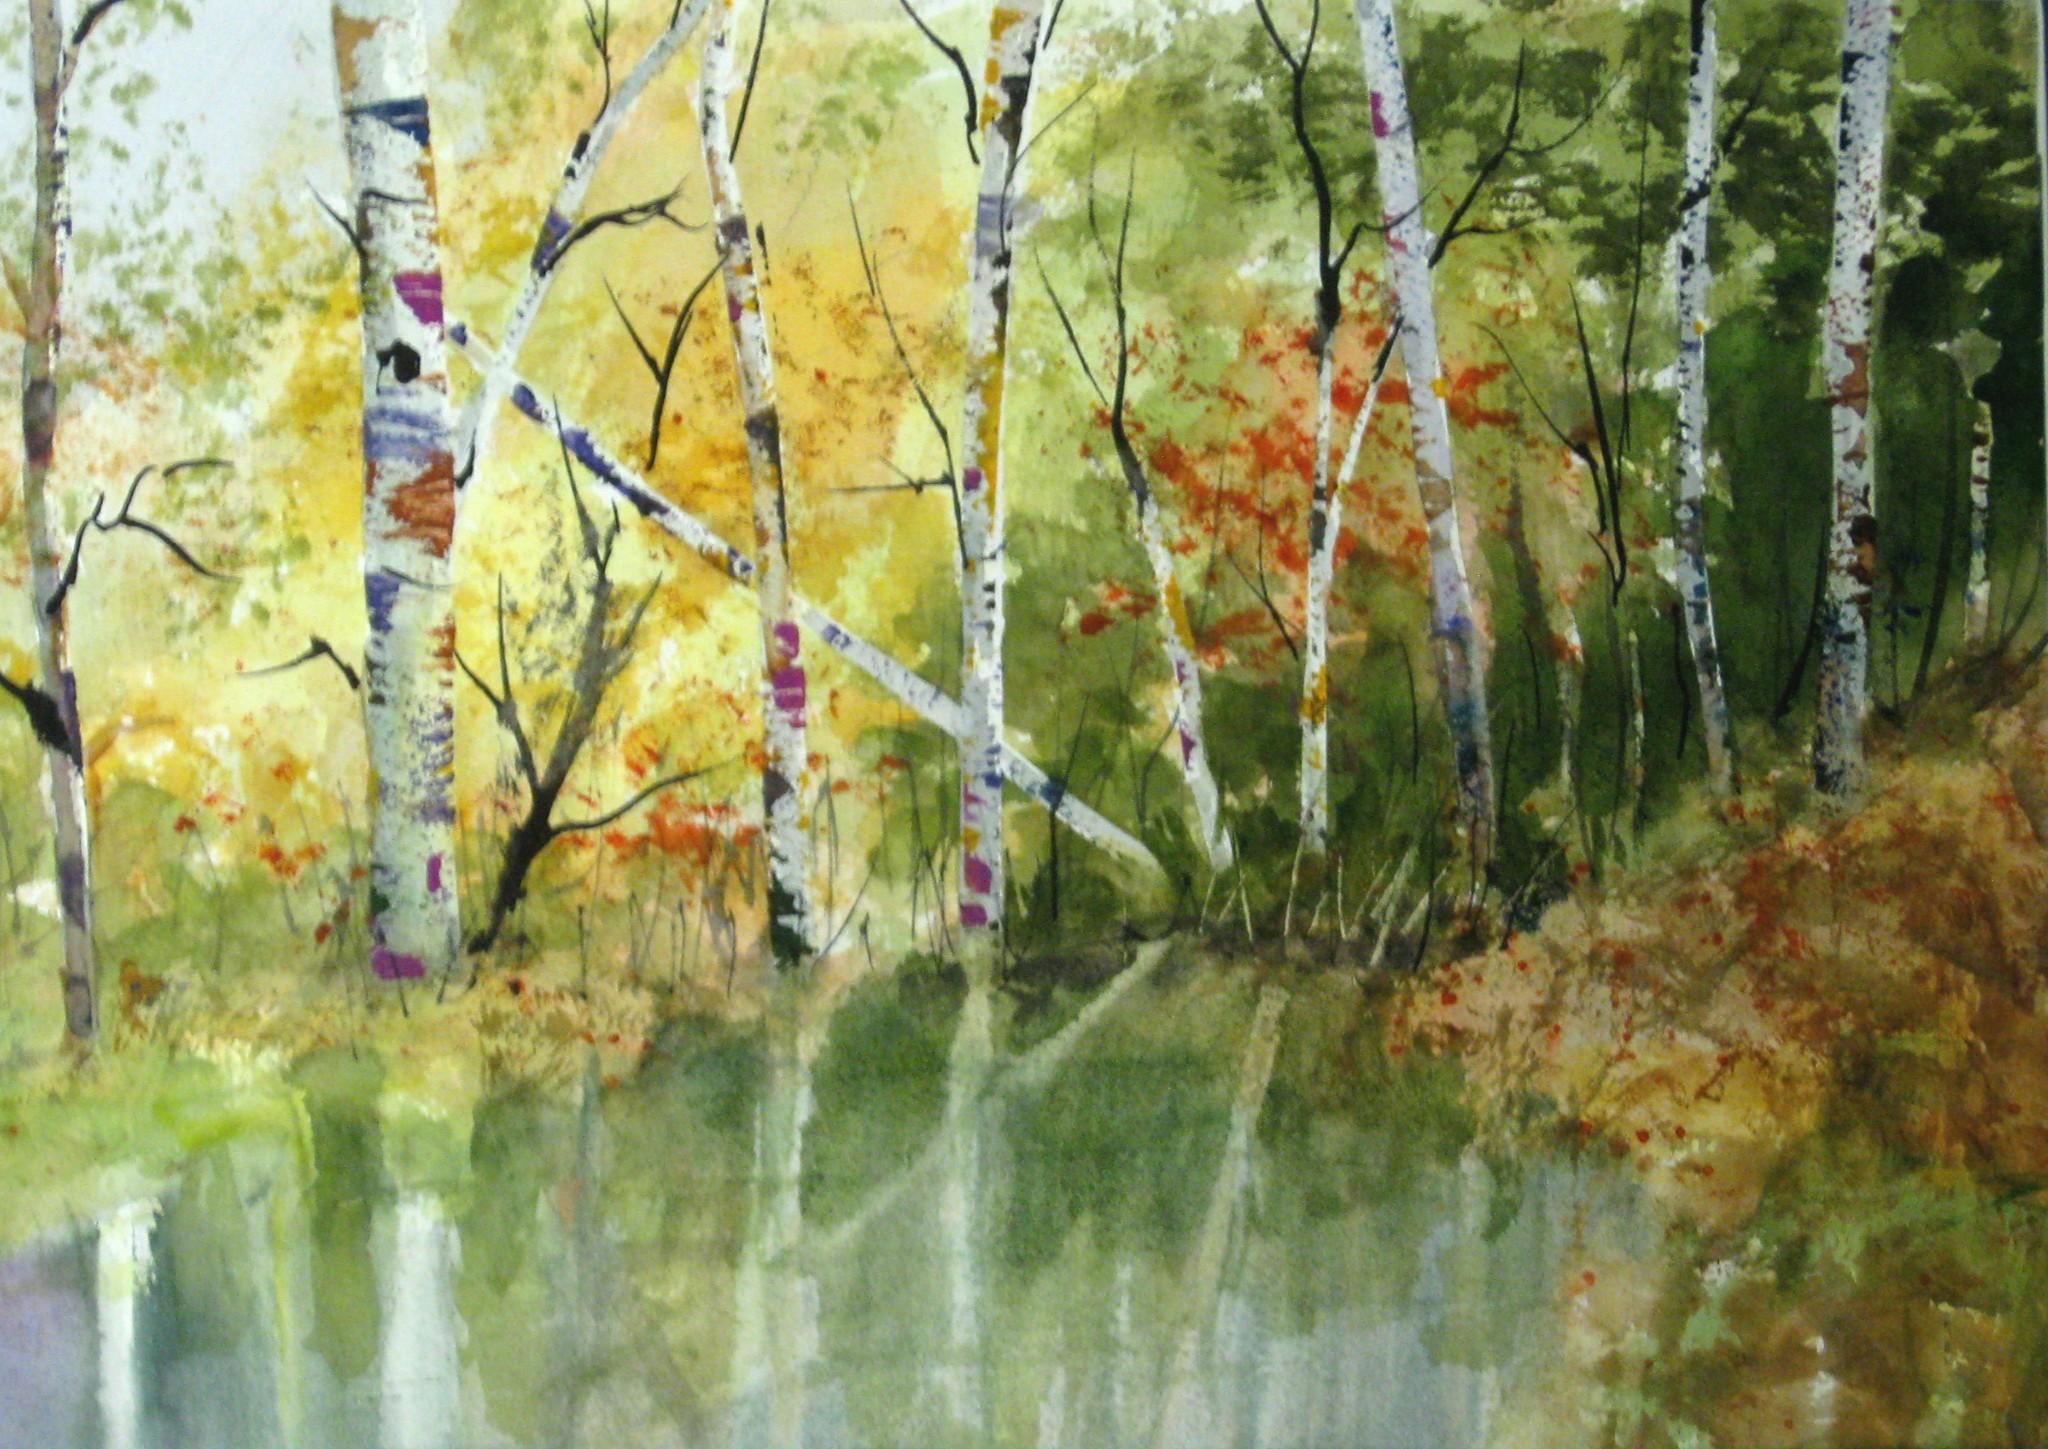 Birch_Pond_1-2-2012_002.JPG